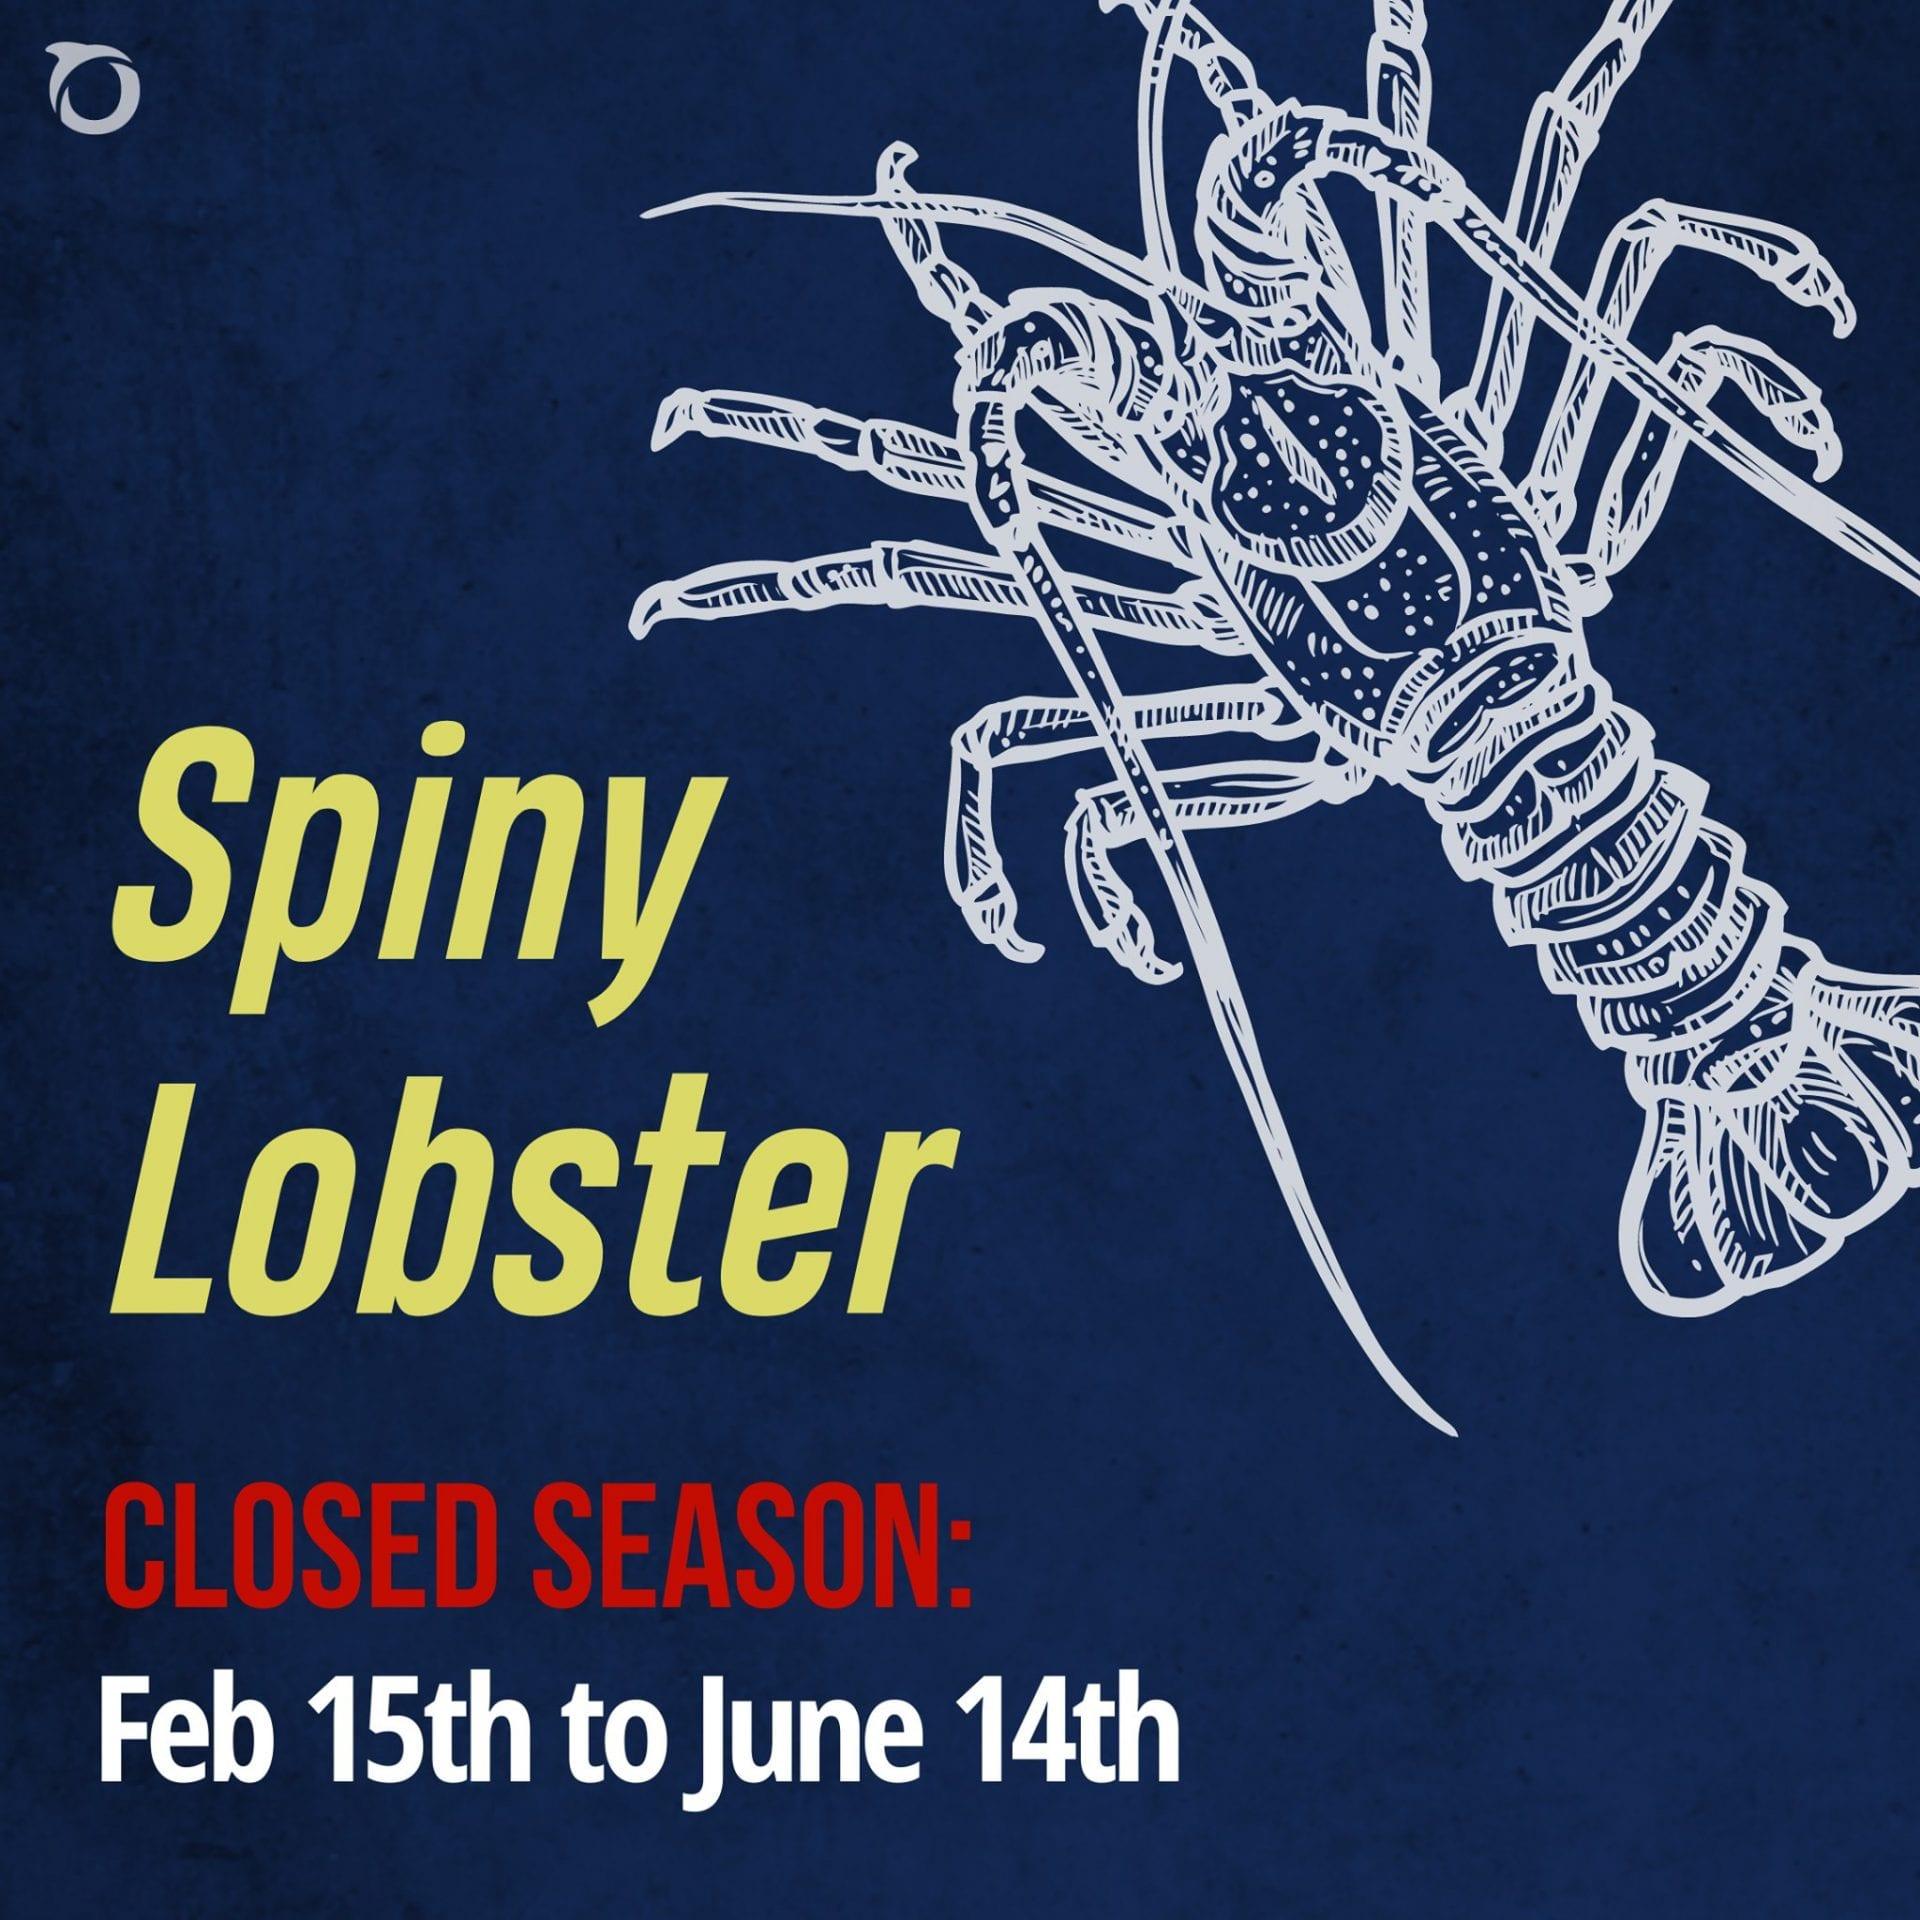 spiny lobster season